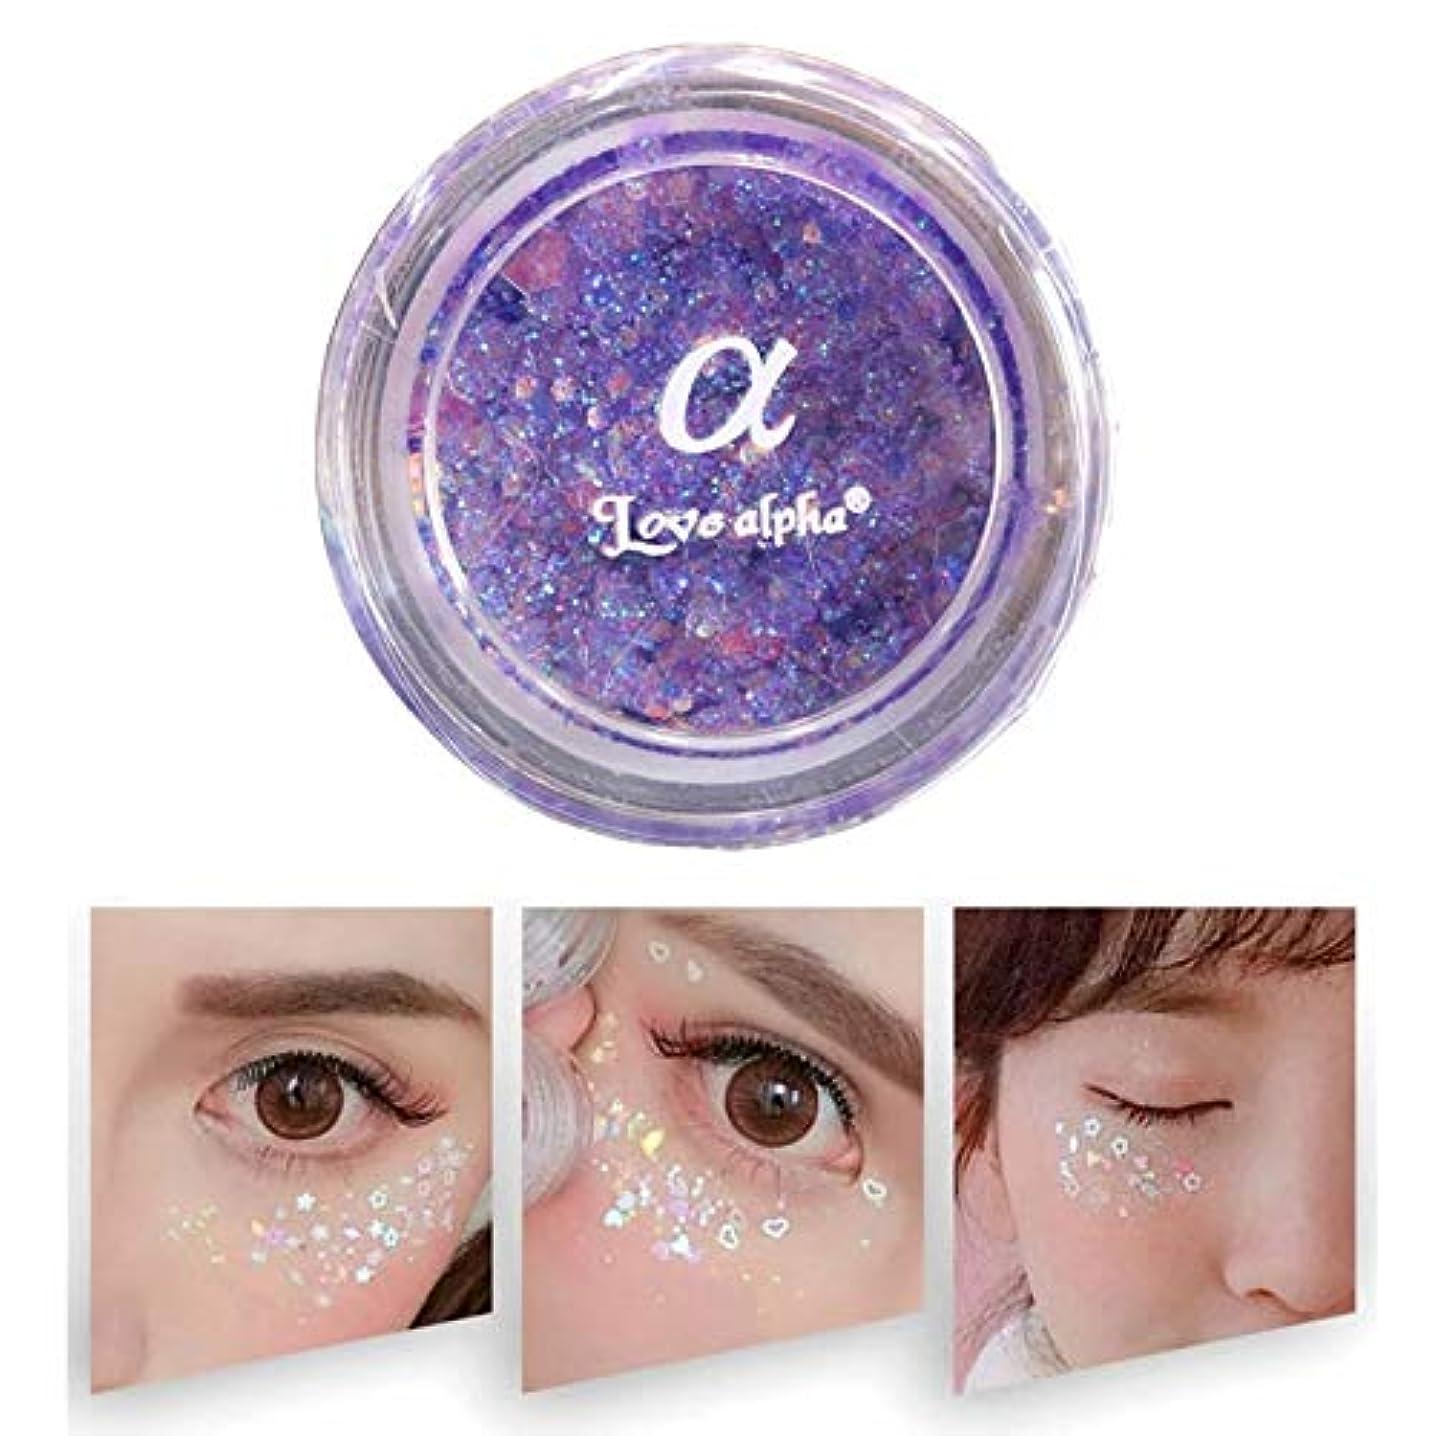 無視従来の社会美容アクセサリー モノクロアイシャドー真珠光沢のある高光沢ステージスパンコールメイクフリーのりグリッターパウダー(ピンク) 写真美容アクセサリー (色 : 紫の)